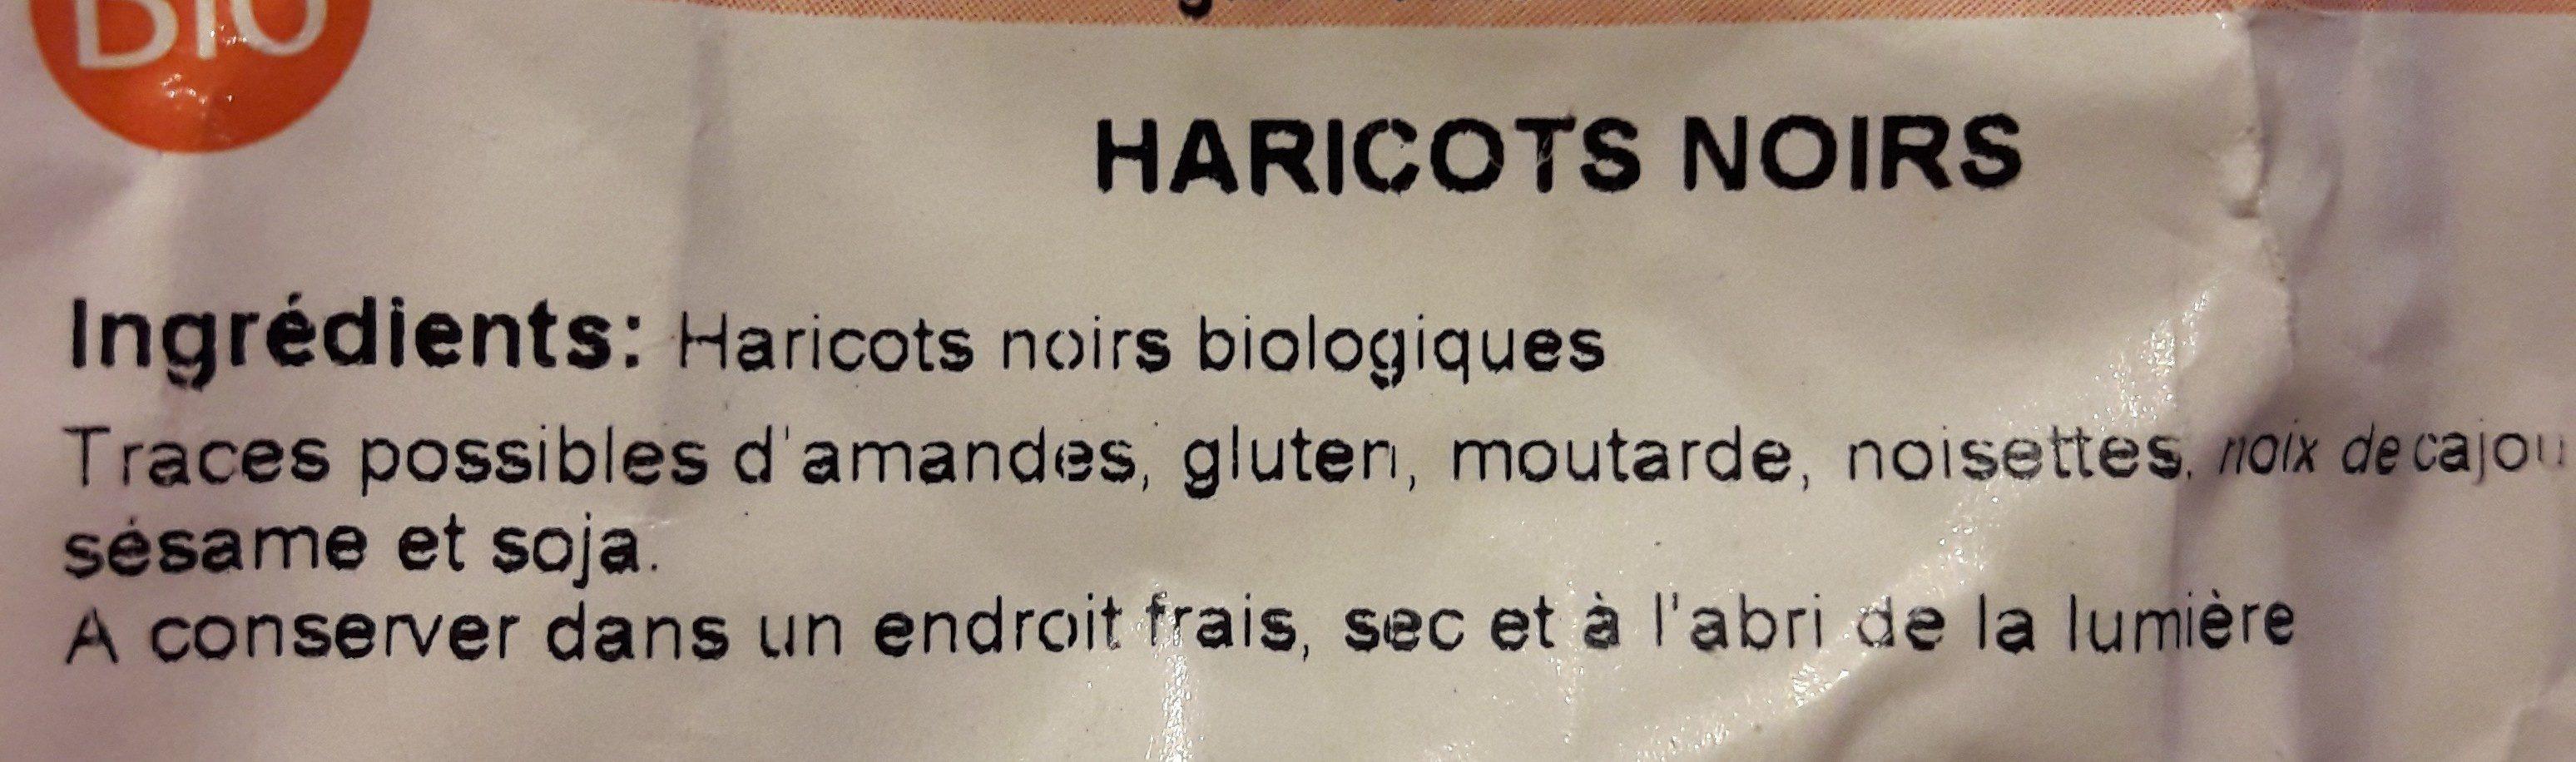 Haricots noirs - Ingrédients - fr